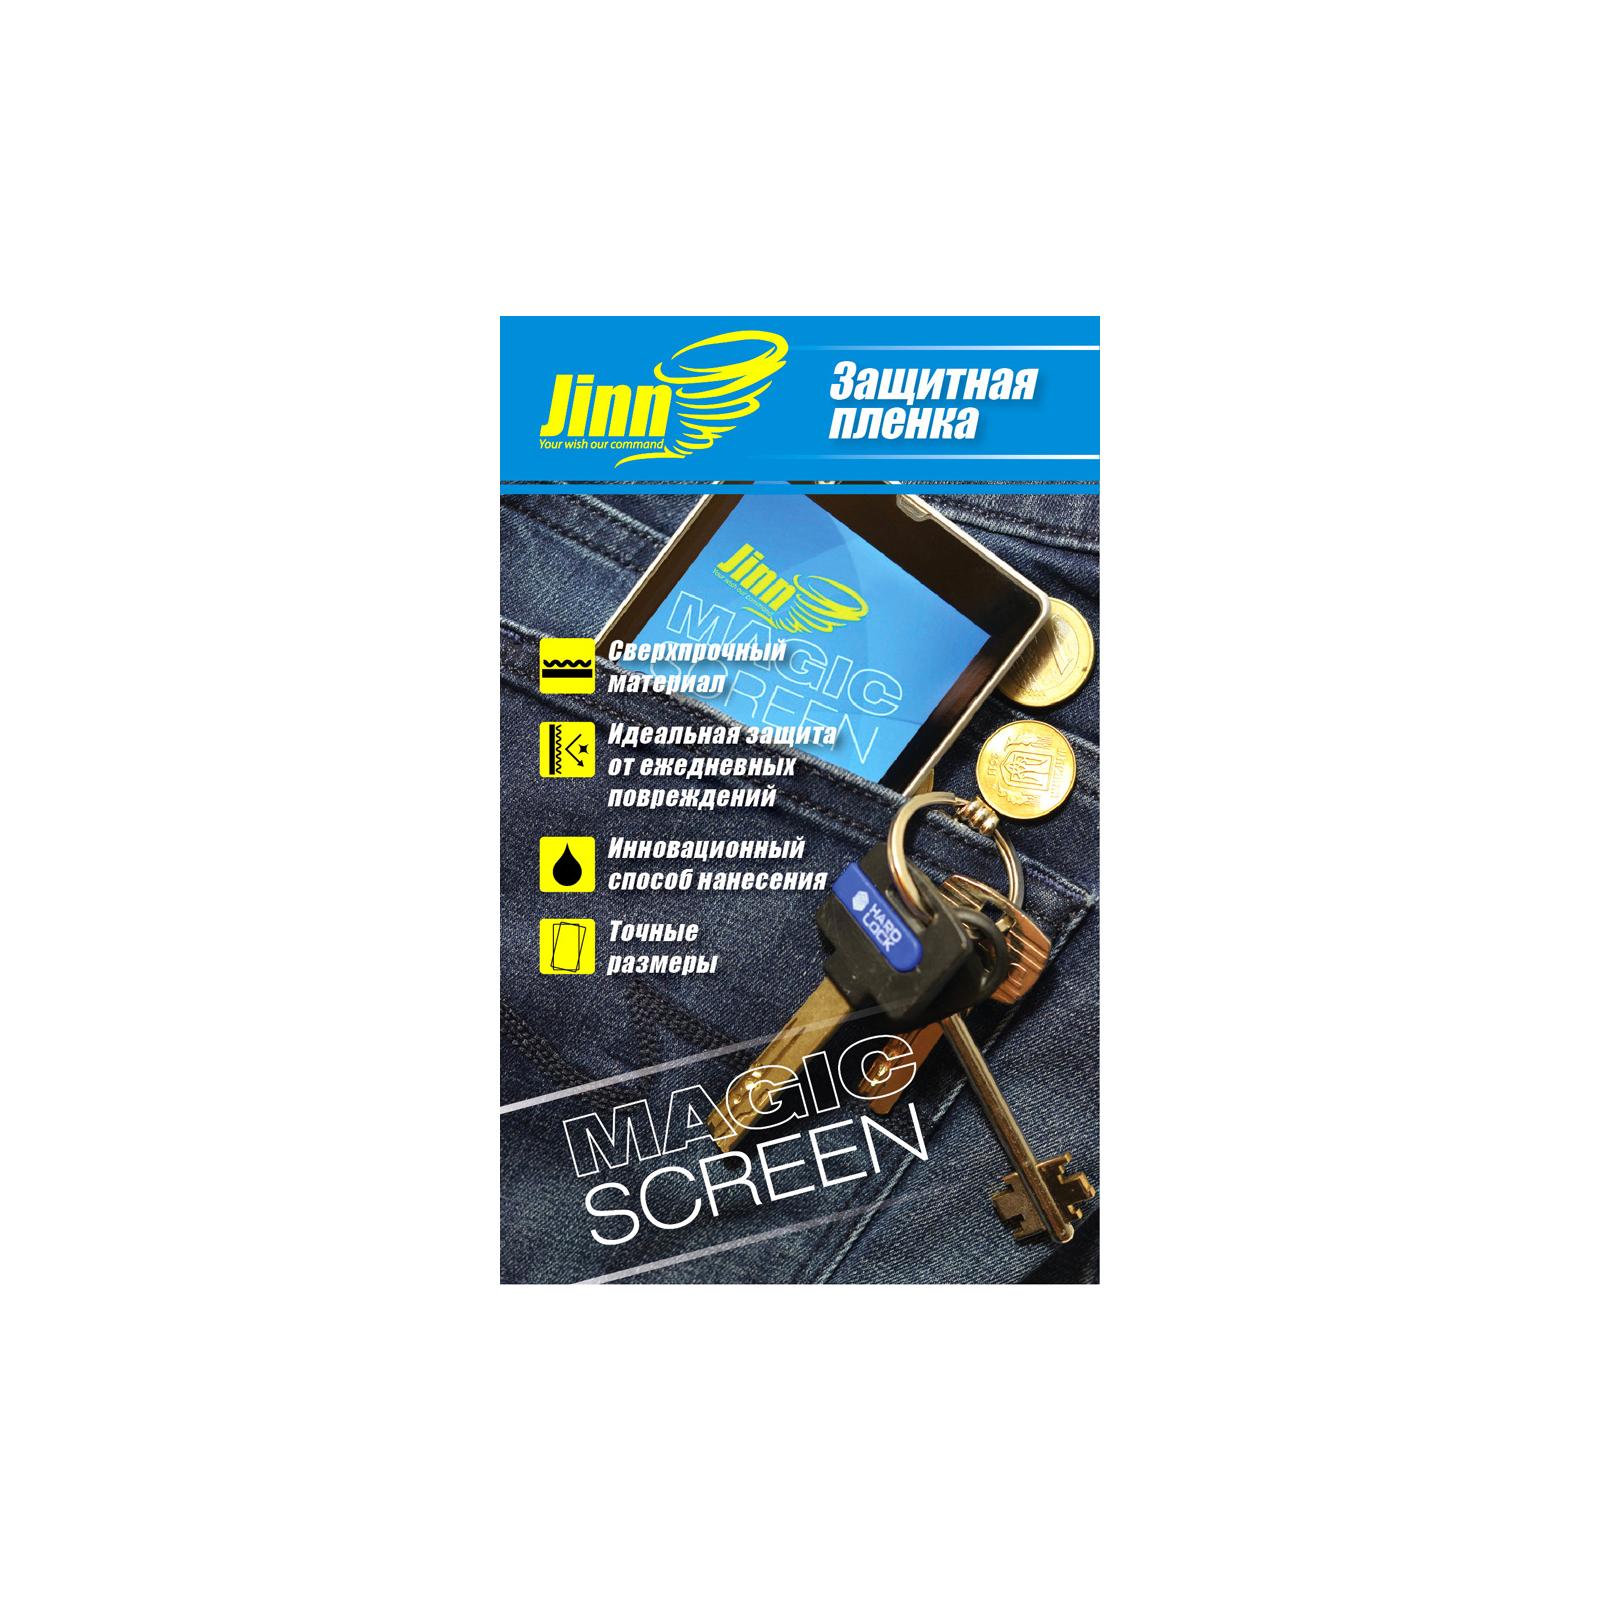 Пленка защитная JINN ультрапрочная Magic Screen для Lenovo IdeaPhone K900 (LenovoIdeaPhone K900 front)